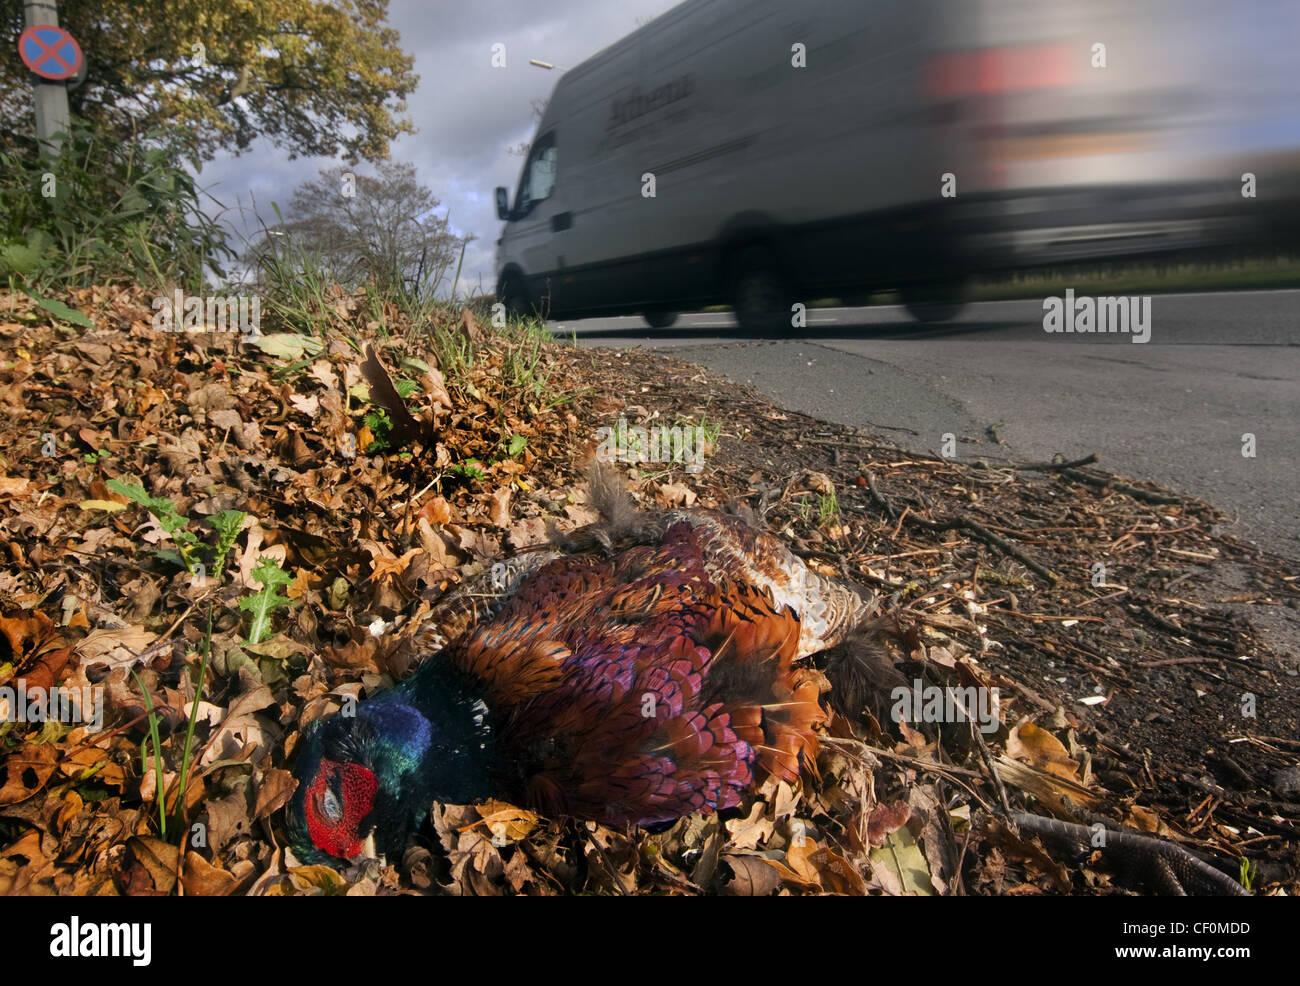 Laden Sie dieses Alamy Stockfoto Roadkill - ein Fasan durch einen vorbeifahrenden weißen van, A556 Chester zu Manchester Straße getötet. Cheshire, England, GB, Großbritannien - CF0MDD